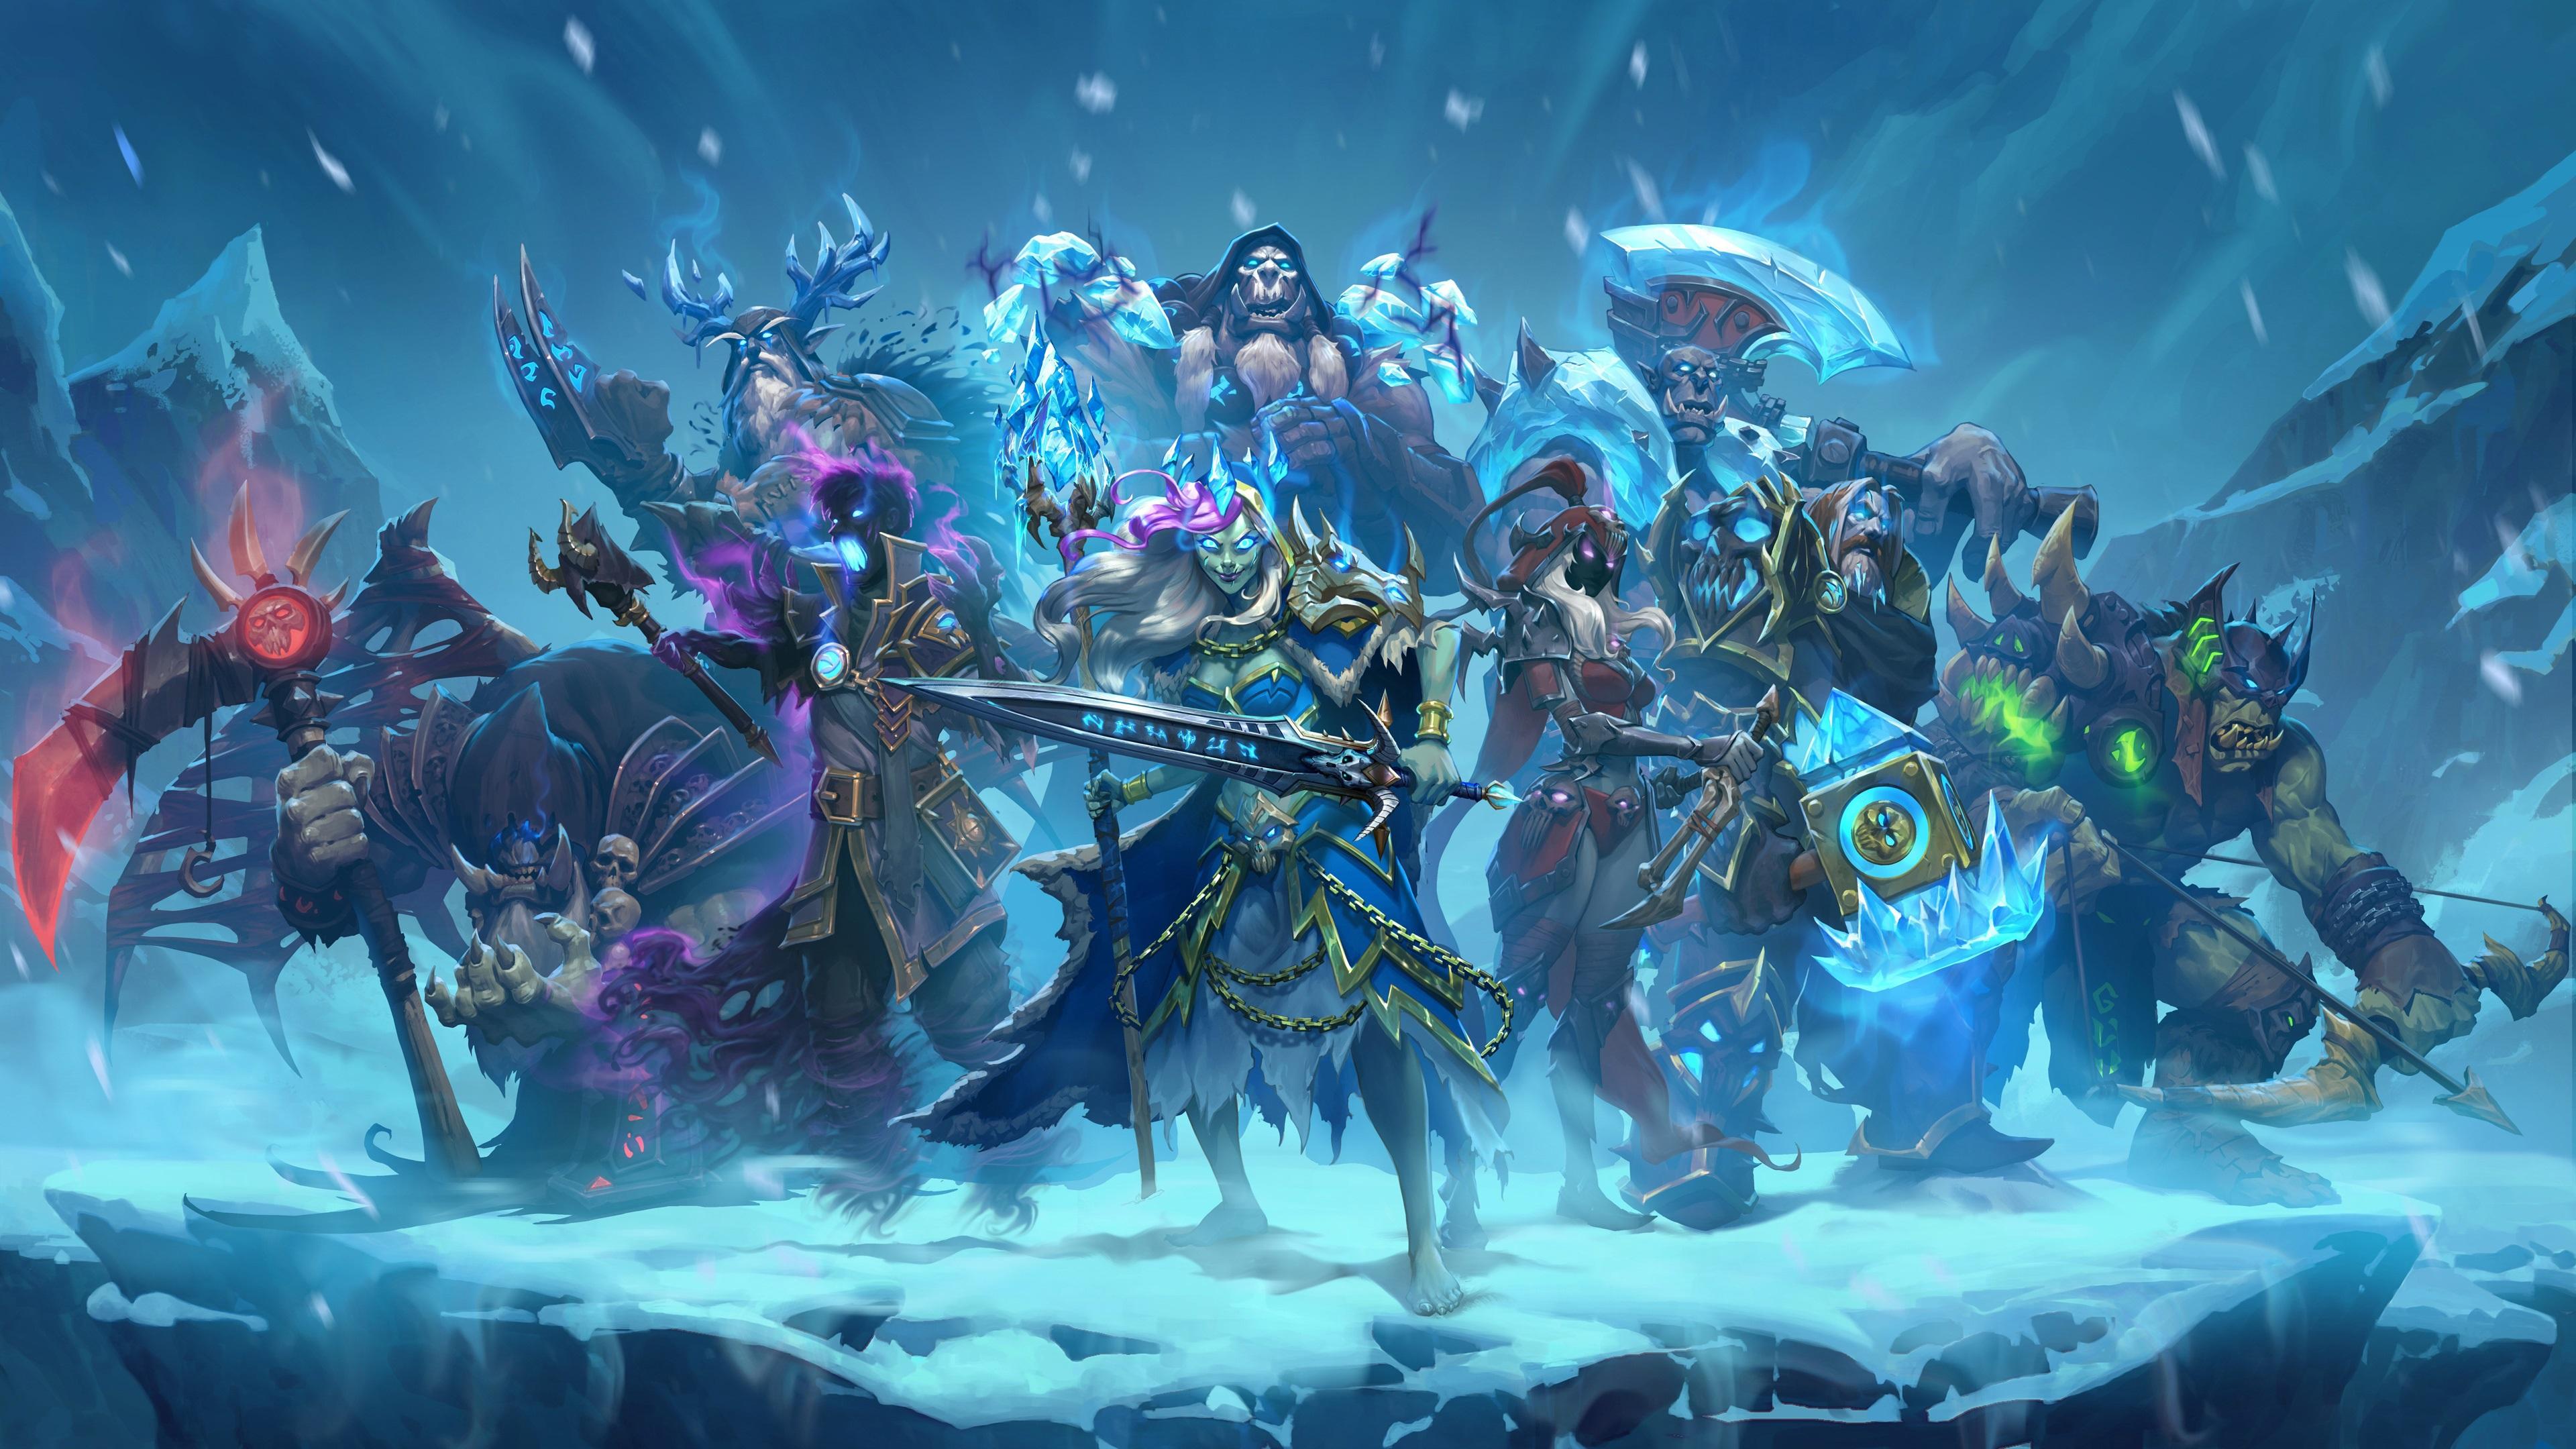 壁纸冰封王座的骑士3840x2160 Uhd 4k 高清壁纸 图片 照片